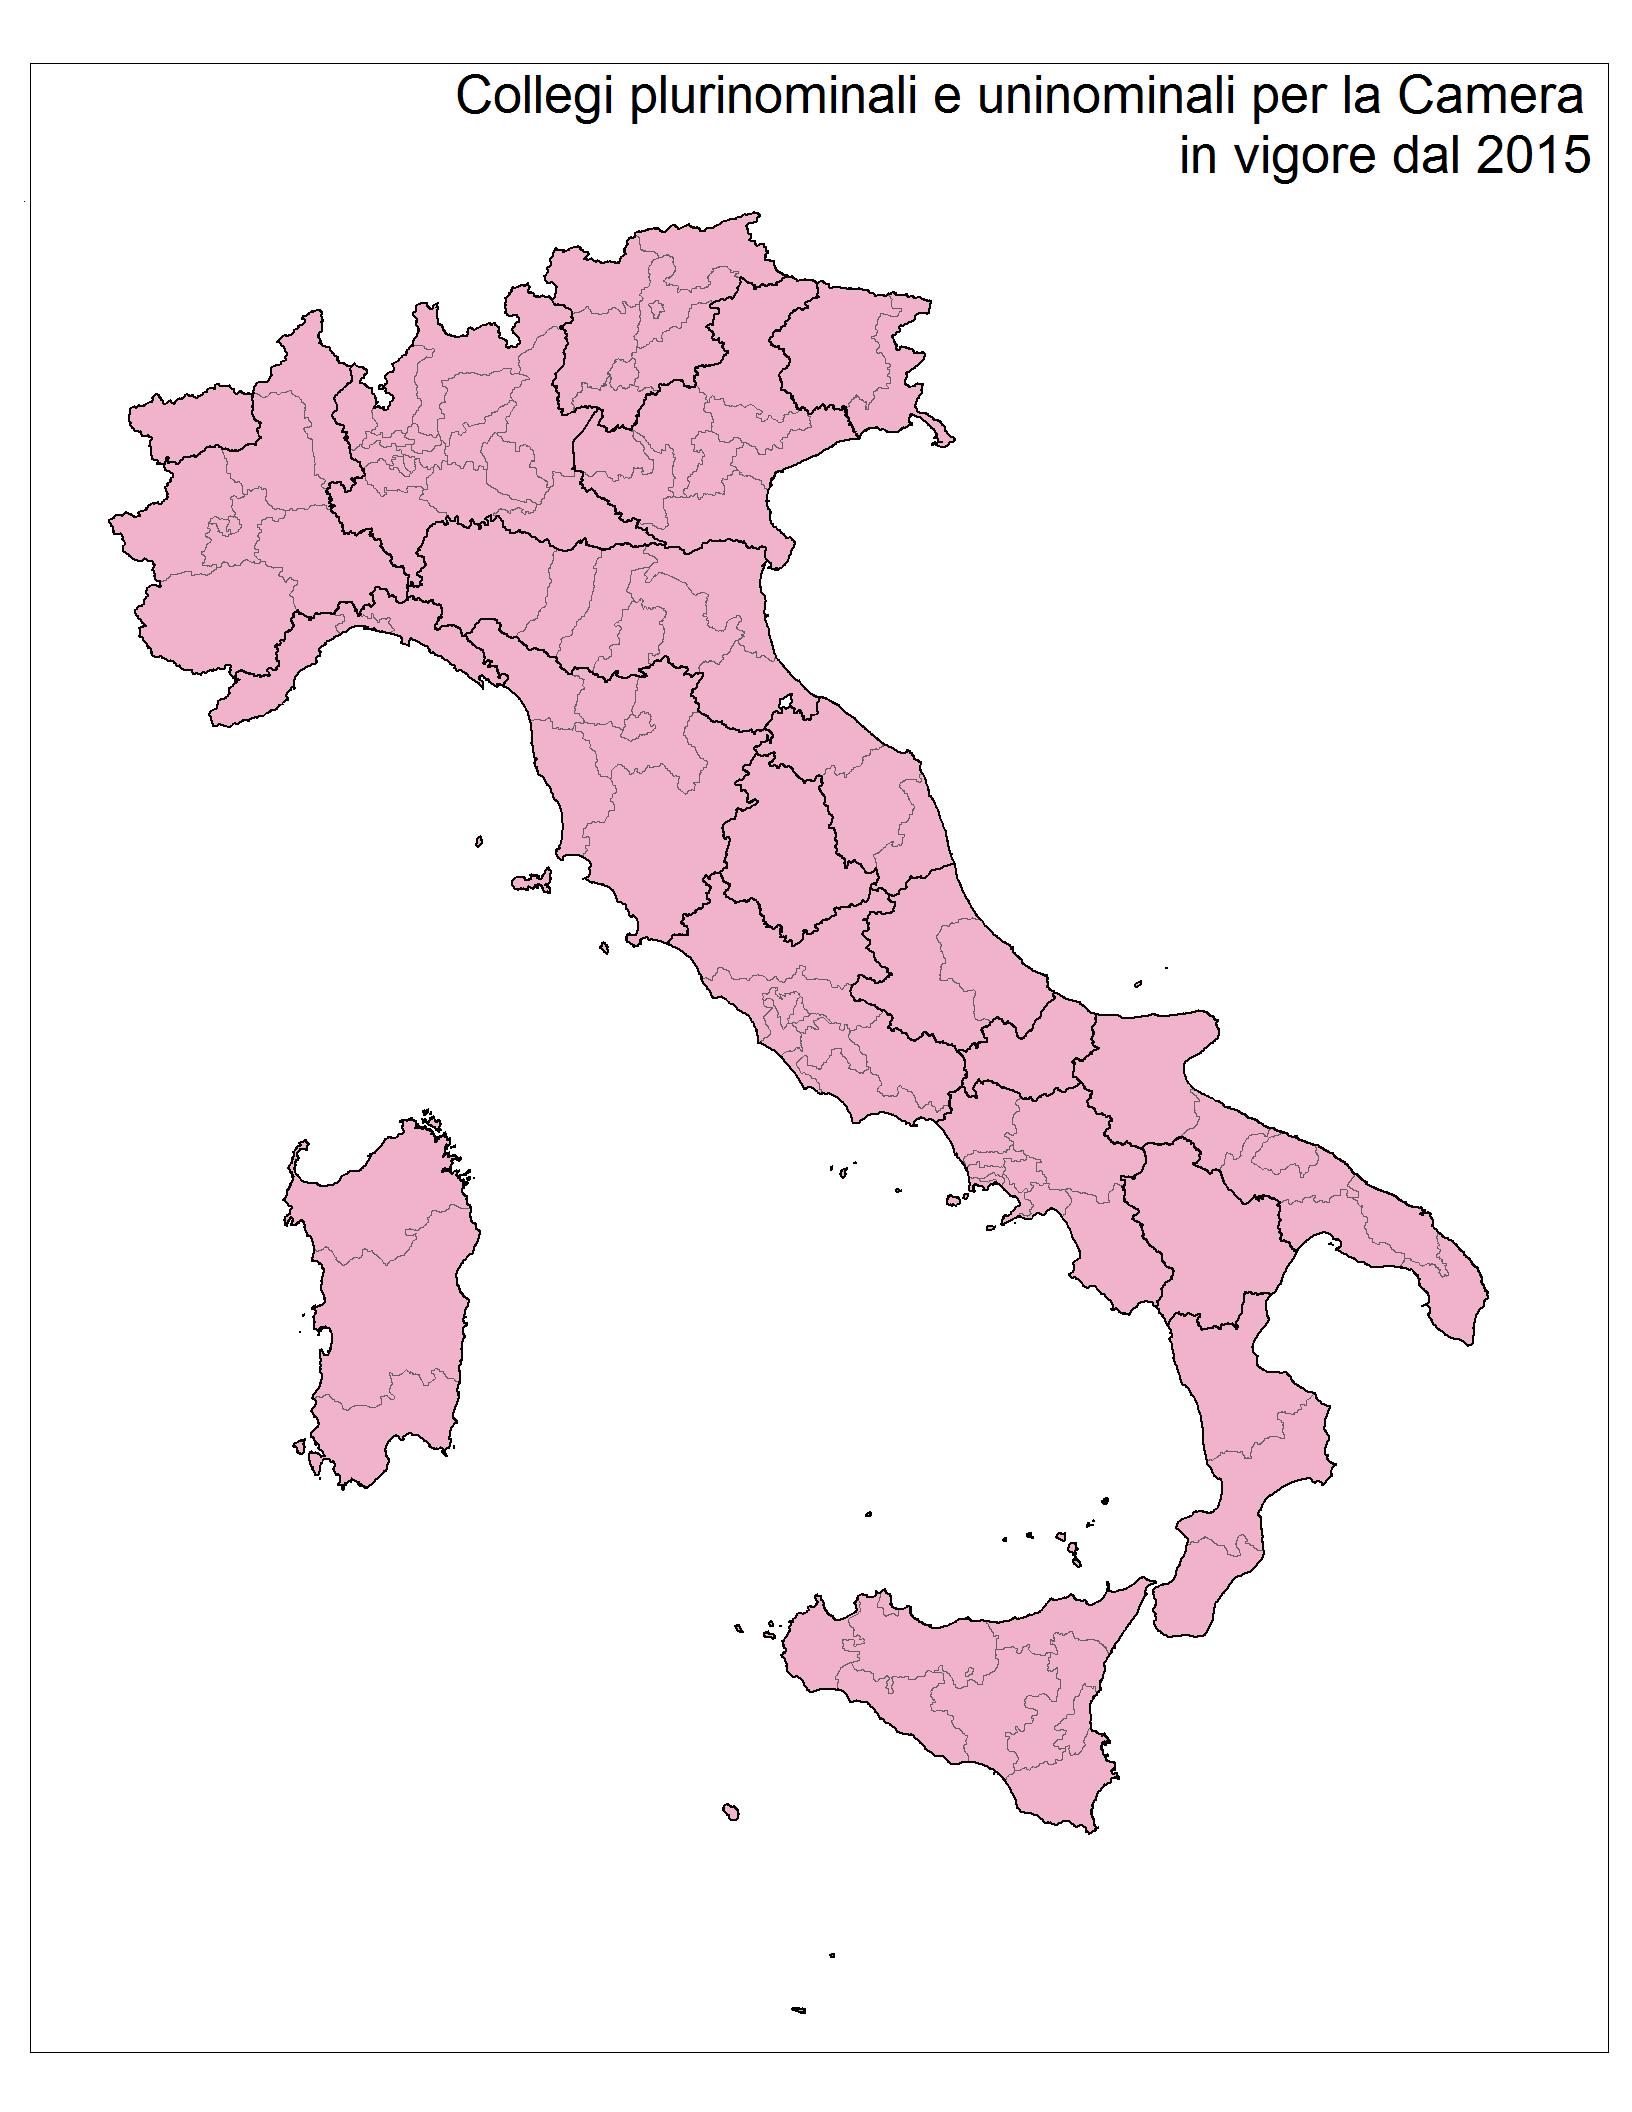 I collegi elettorali per la Camera dei deputati tutti plurinominali fatta eccezione per la Valle d Aosta e le province autonome di Trento e Bolzano